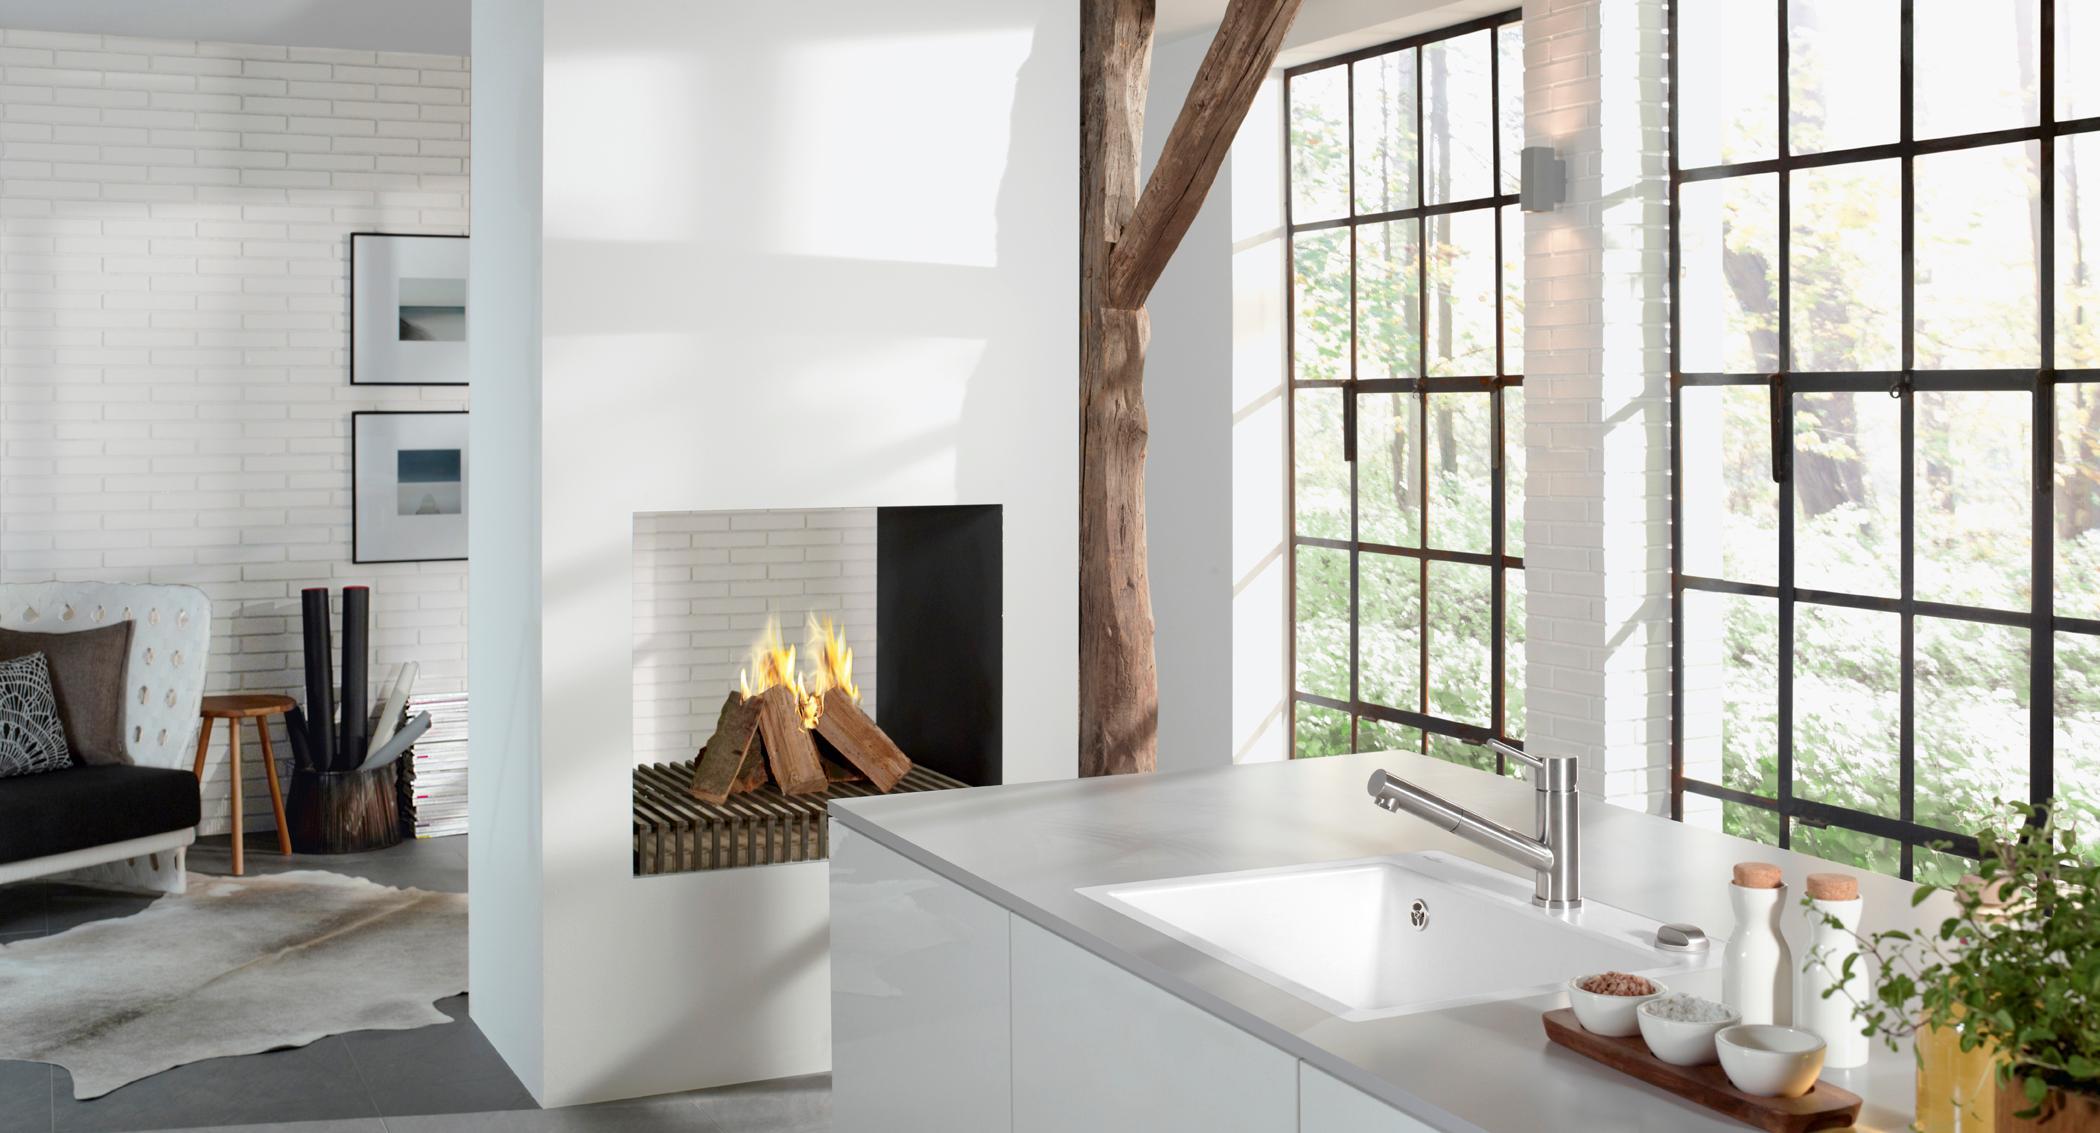 Kamin als Raumteiler #fensterfront #küche #teppich #...